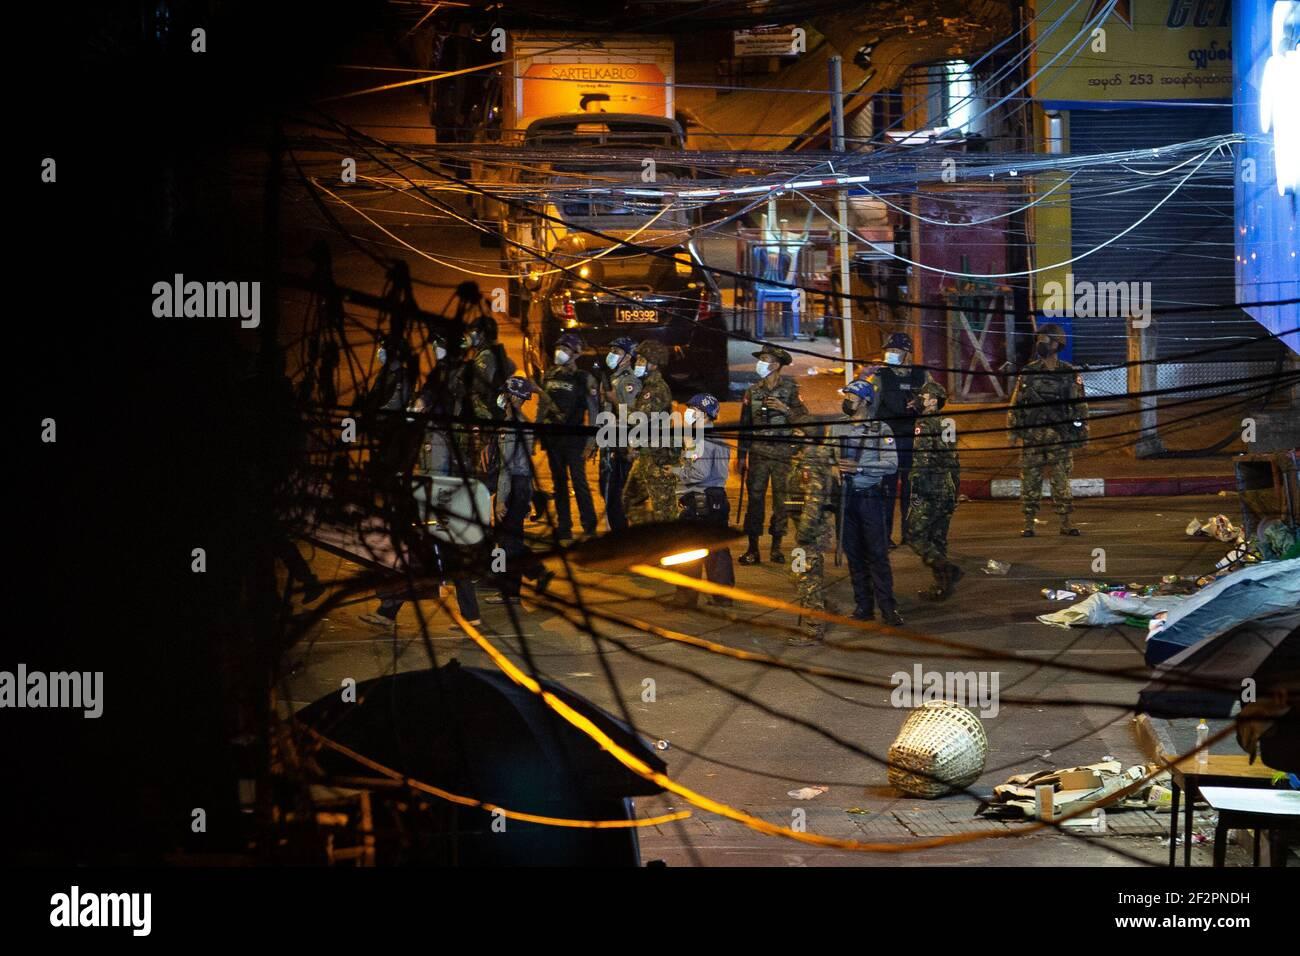 El ejército y la policía de Myanmar vieron a buscar a los residentes y manifestantes escondidos en los edificios después de una manifestación contra el golpe militar.la policía de Myanmar atacó a los manifestantes con balas de goma, municiones vivas, gas lacrimógeno y bombas de aturdimiento en respuesta a los manifestantes contra el golpe militar el viernes. Dos informaron de muertos. El ejército de Myanmar detuvo a la Consejera de Estado de Myanmar, Aung San Suu Kyi, el 01 de febrero de 2021, y declaró el estado de emergencia mientras se apoderaba del poder en el país durante un año después de perder las elecciones contra la Liga Nacional para la Democracia (LND). (Foto de Theint Mon Soe/SOPA Images/ Foto de stock